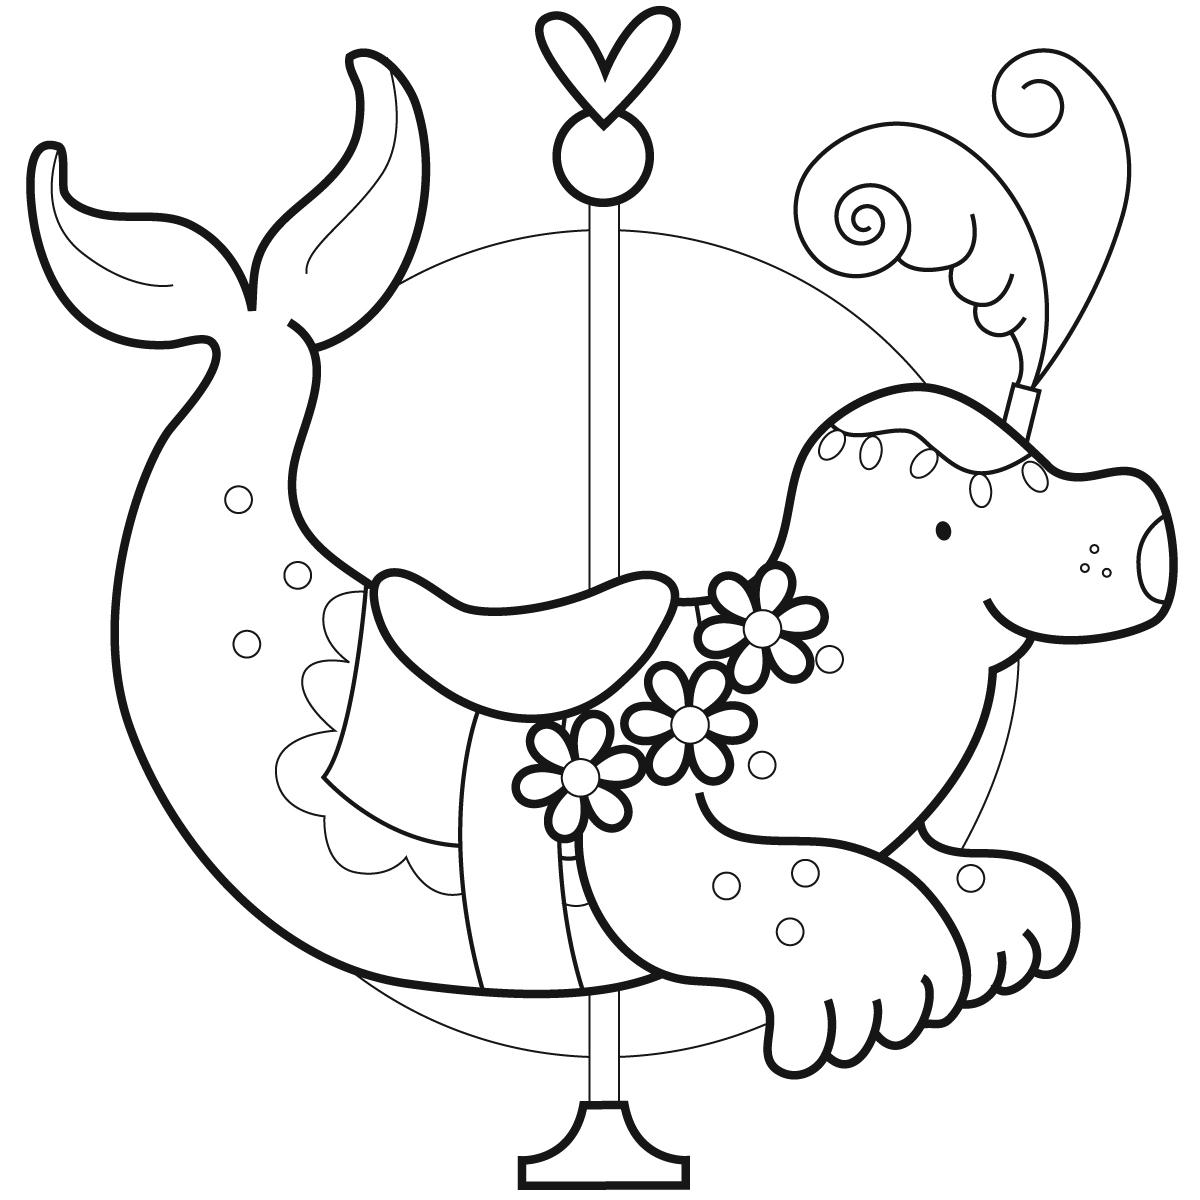 Marisa Straccia: Carousel animals